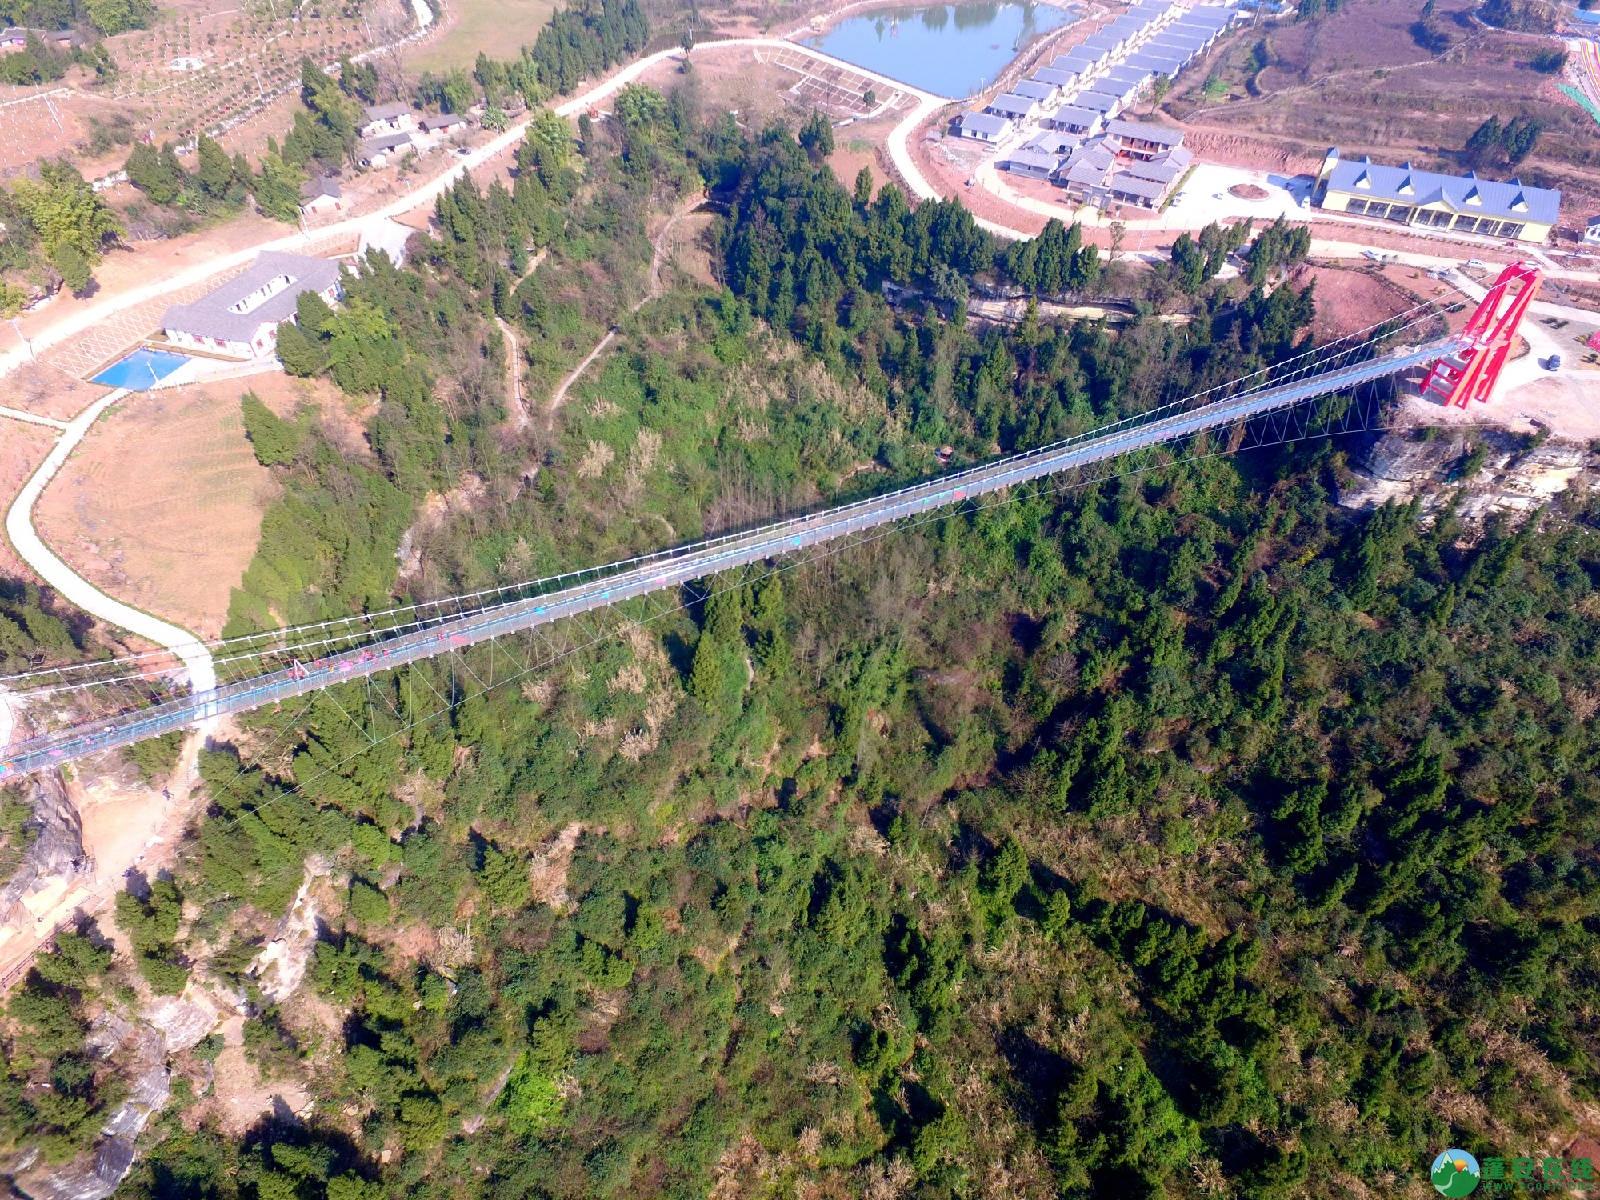 蓬安县正源镇红豆村首个悬空玻璃吊桥正式开放 - 第9张  | 蓬安在线